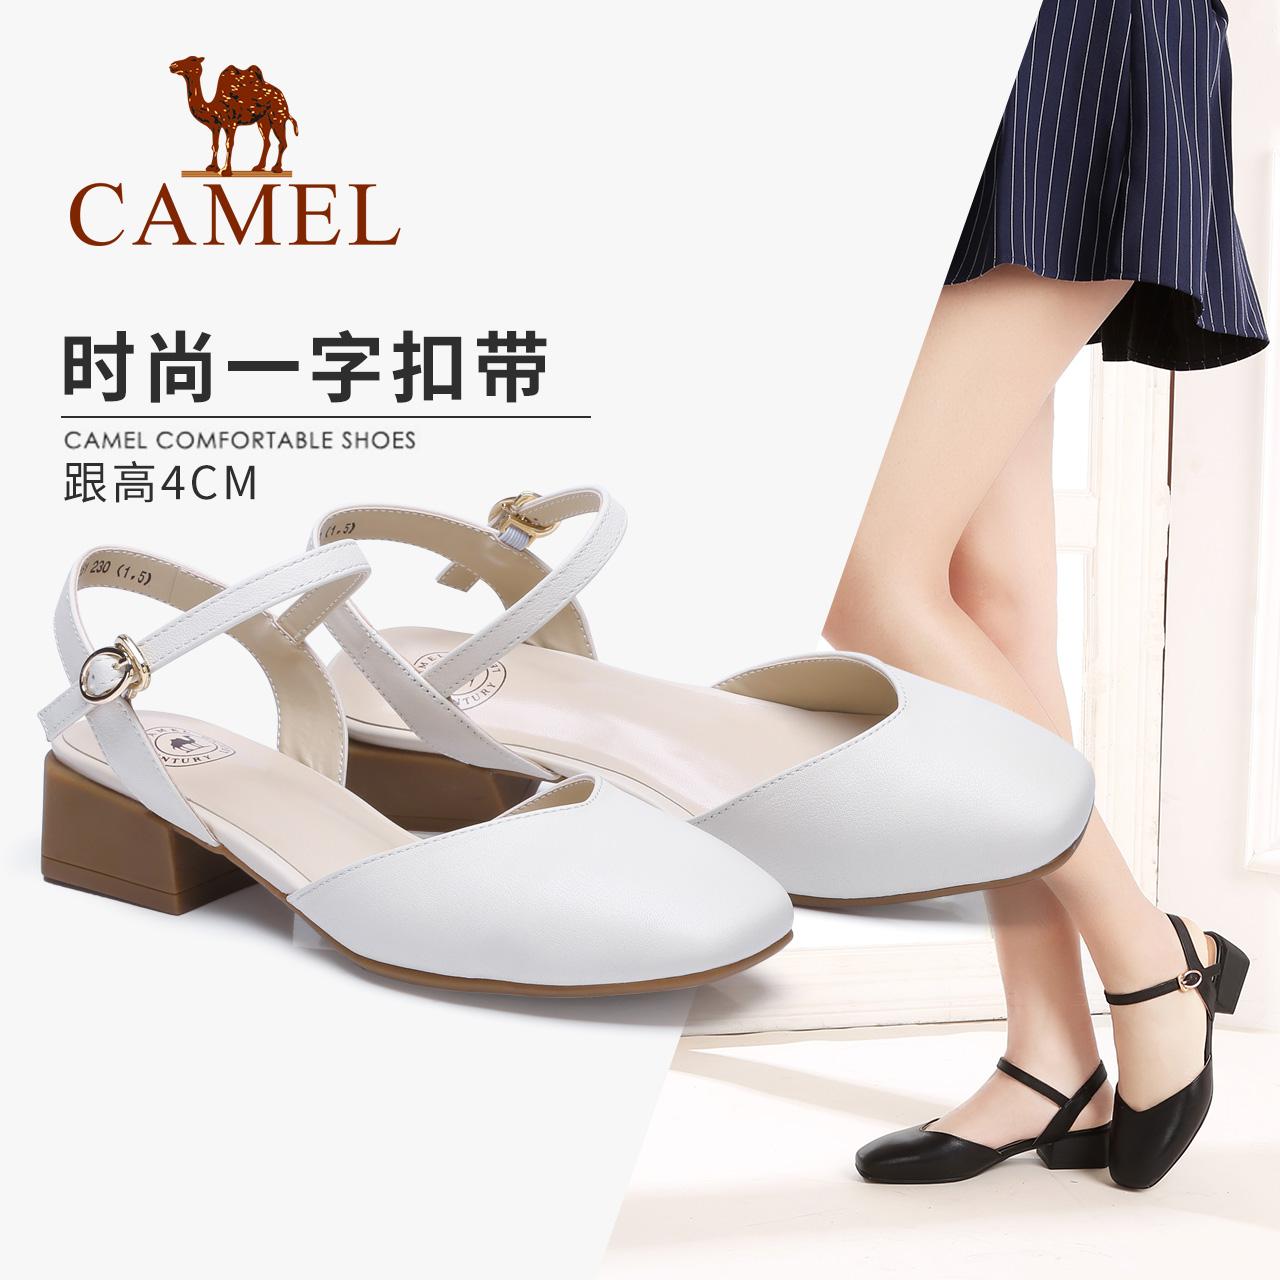 骆驼玛丽珍牛皮女鞋2018春季新款包头一字扣单鞋方头平底粗跟鞋子